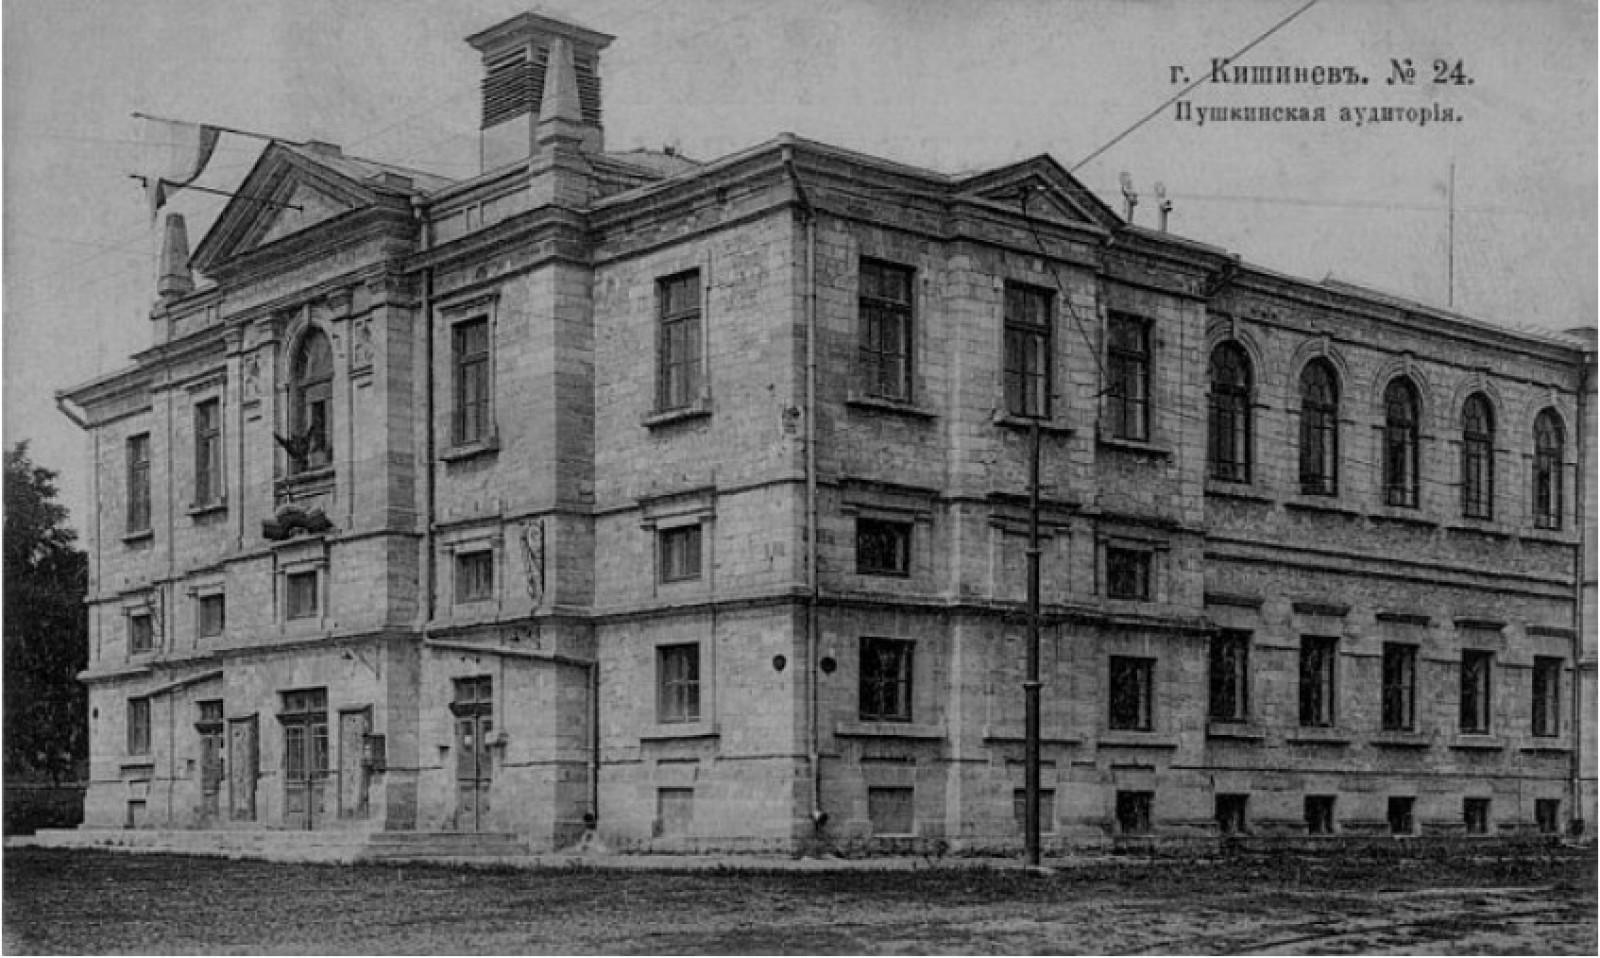 Old Chișinău în imagini: Auditoriul Pușkin și prima Stație de Radio